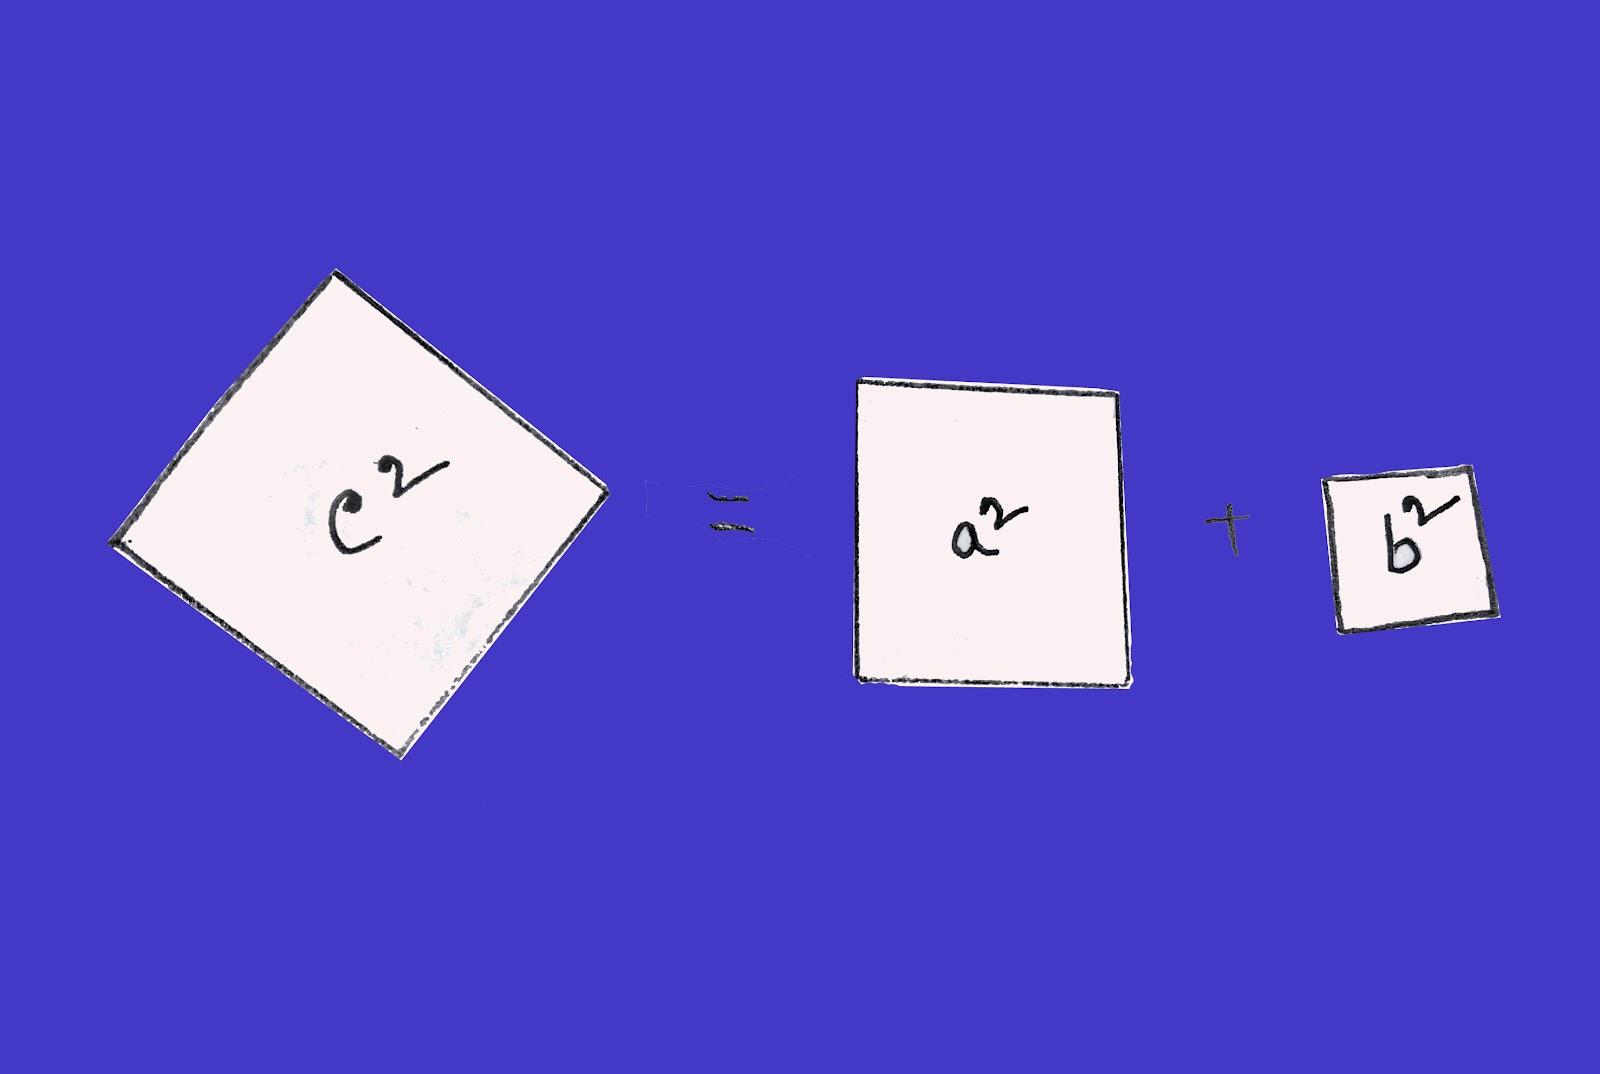 চিত্রসূত্র: লেখকের নিজস্ব সংগ্রহ